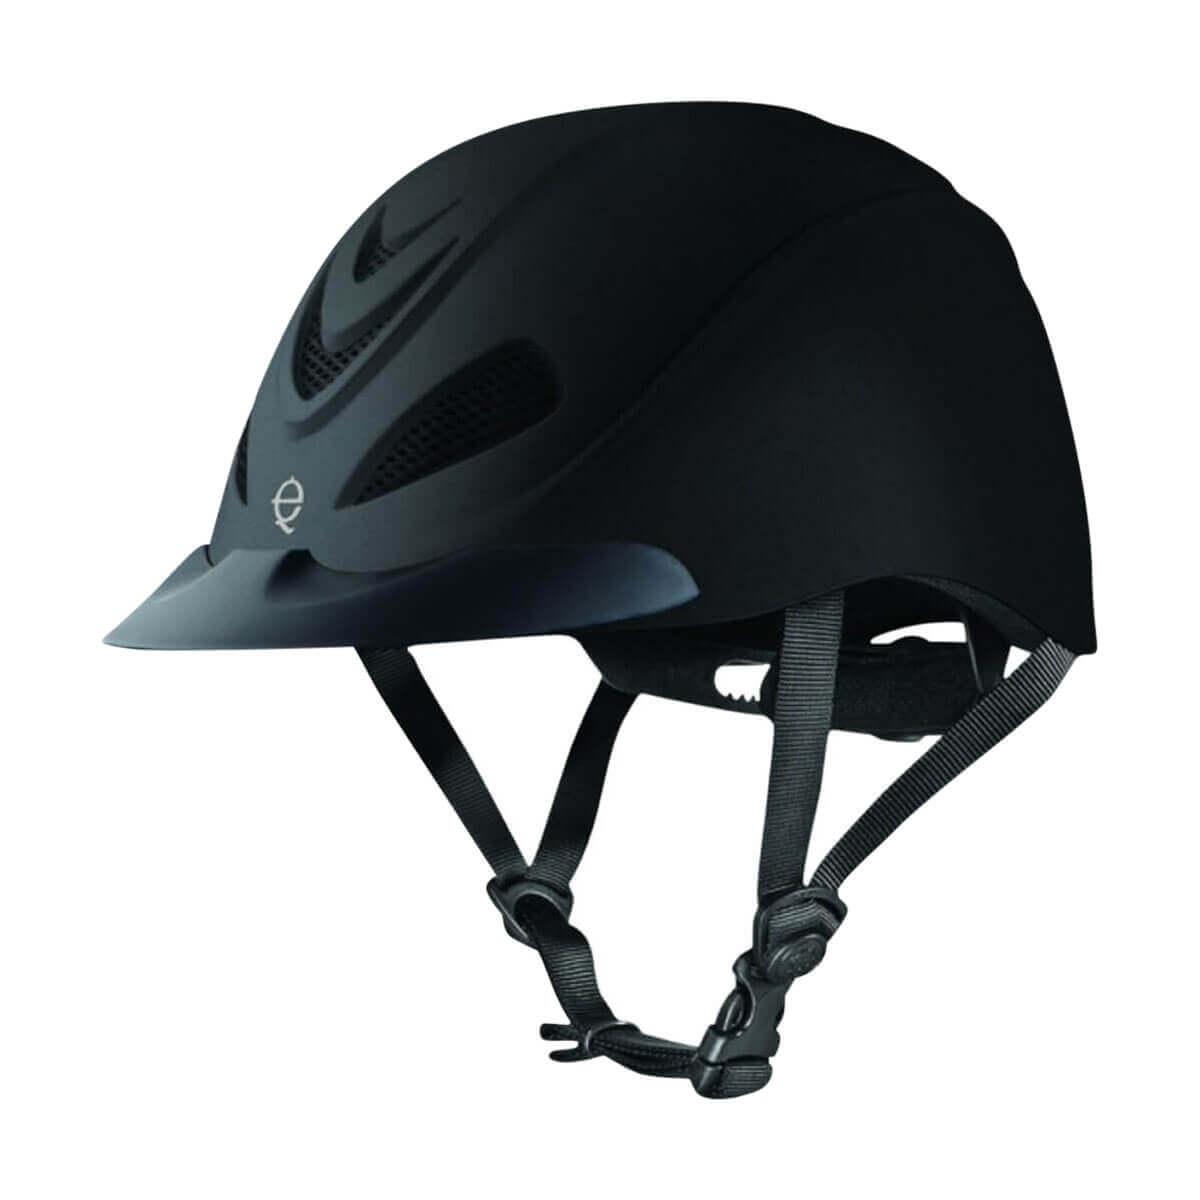 Troxel Liberty Low Profile Schooling Helmet - SMALL